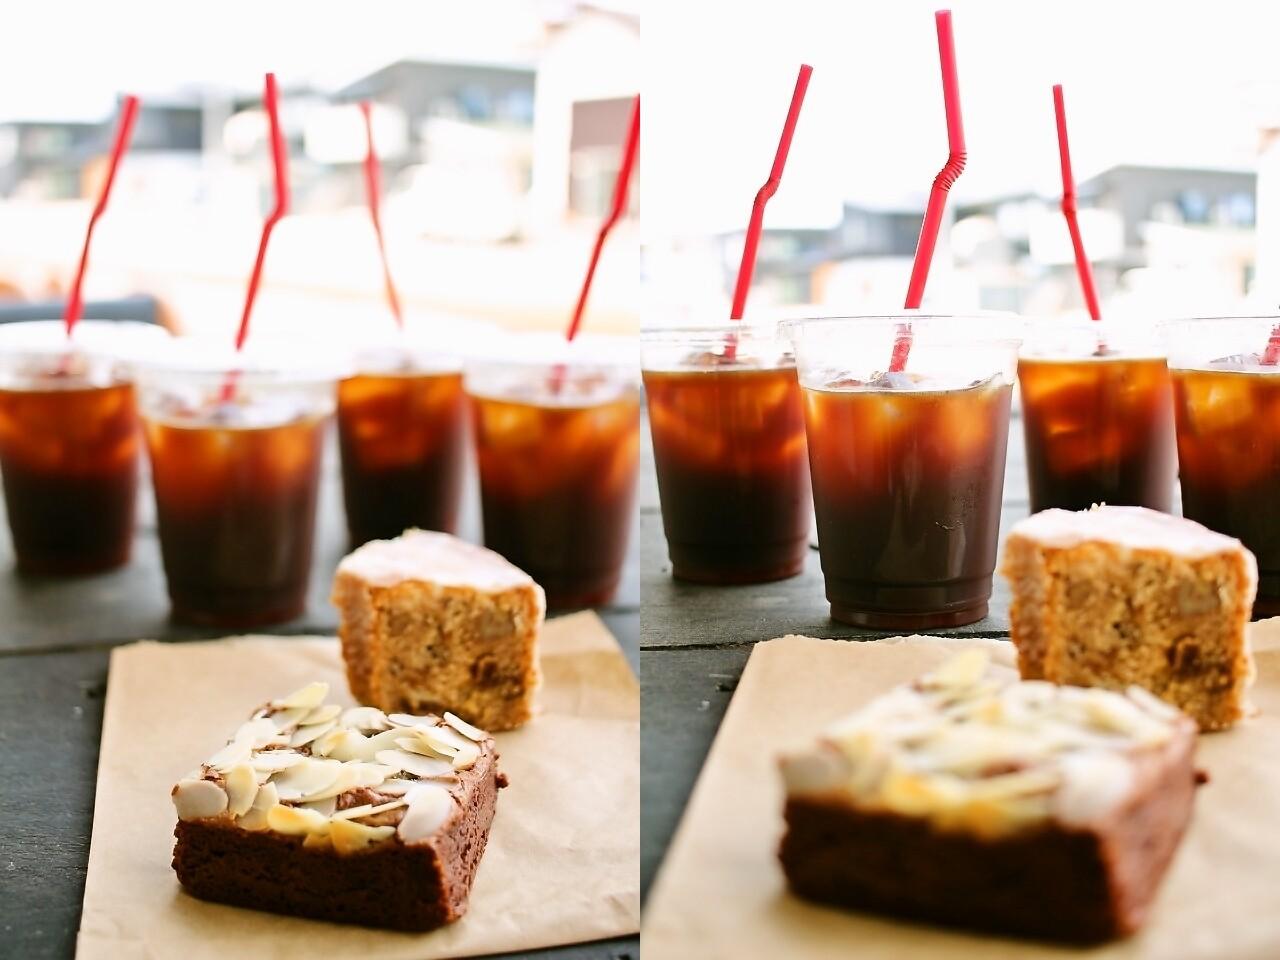 みとん今治,バレルコーヒー,カフェ,barrel